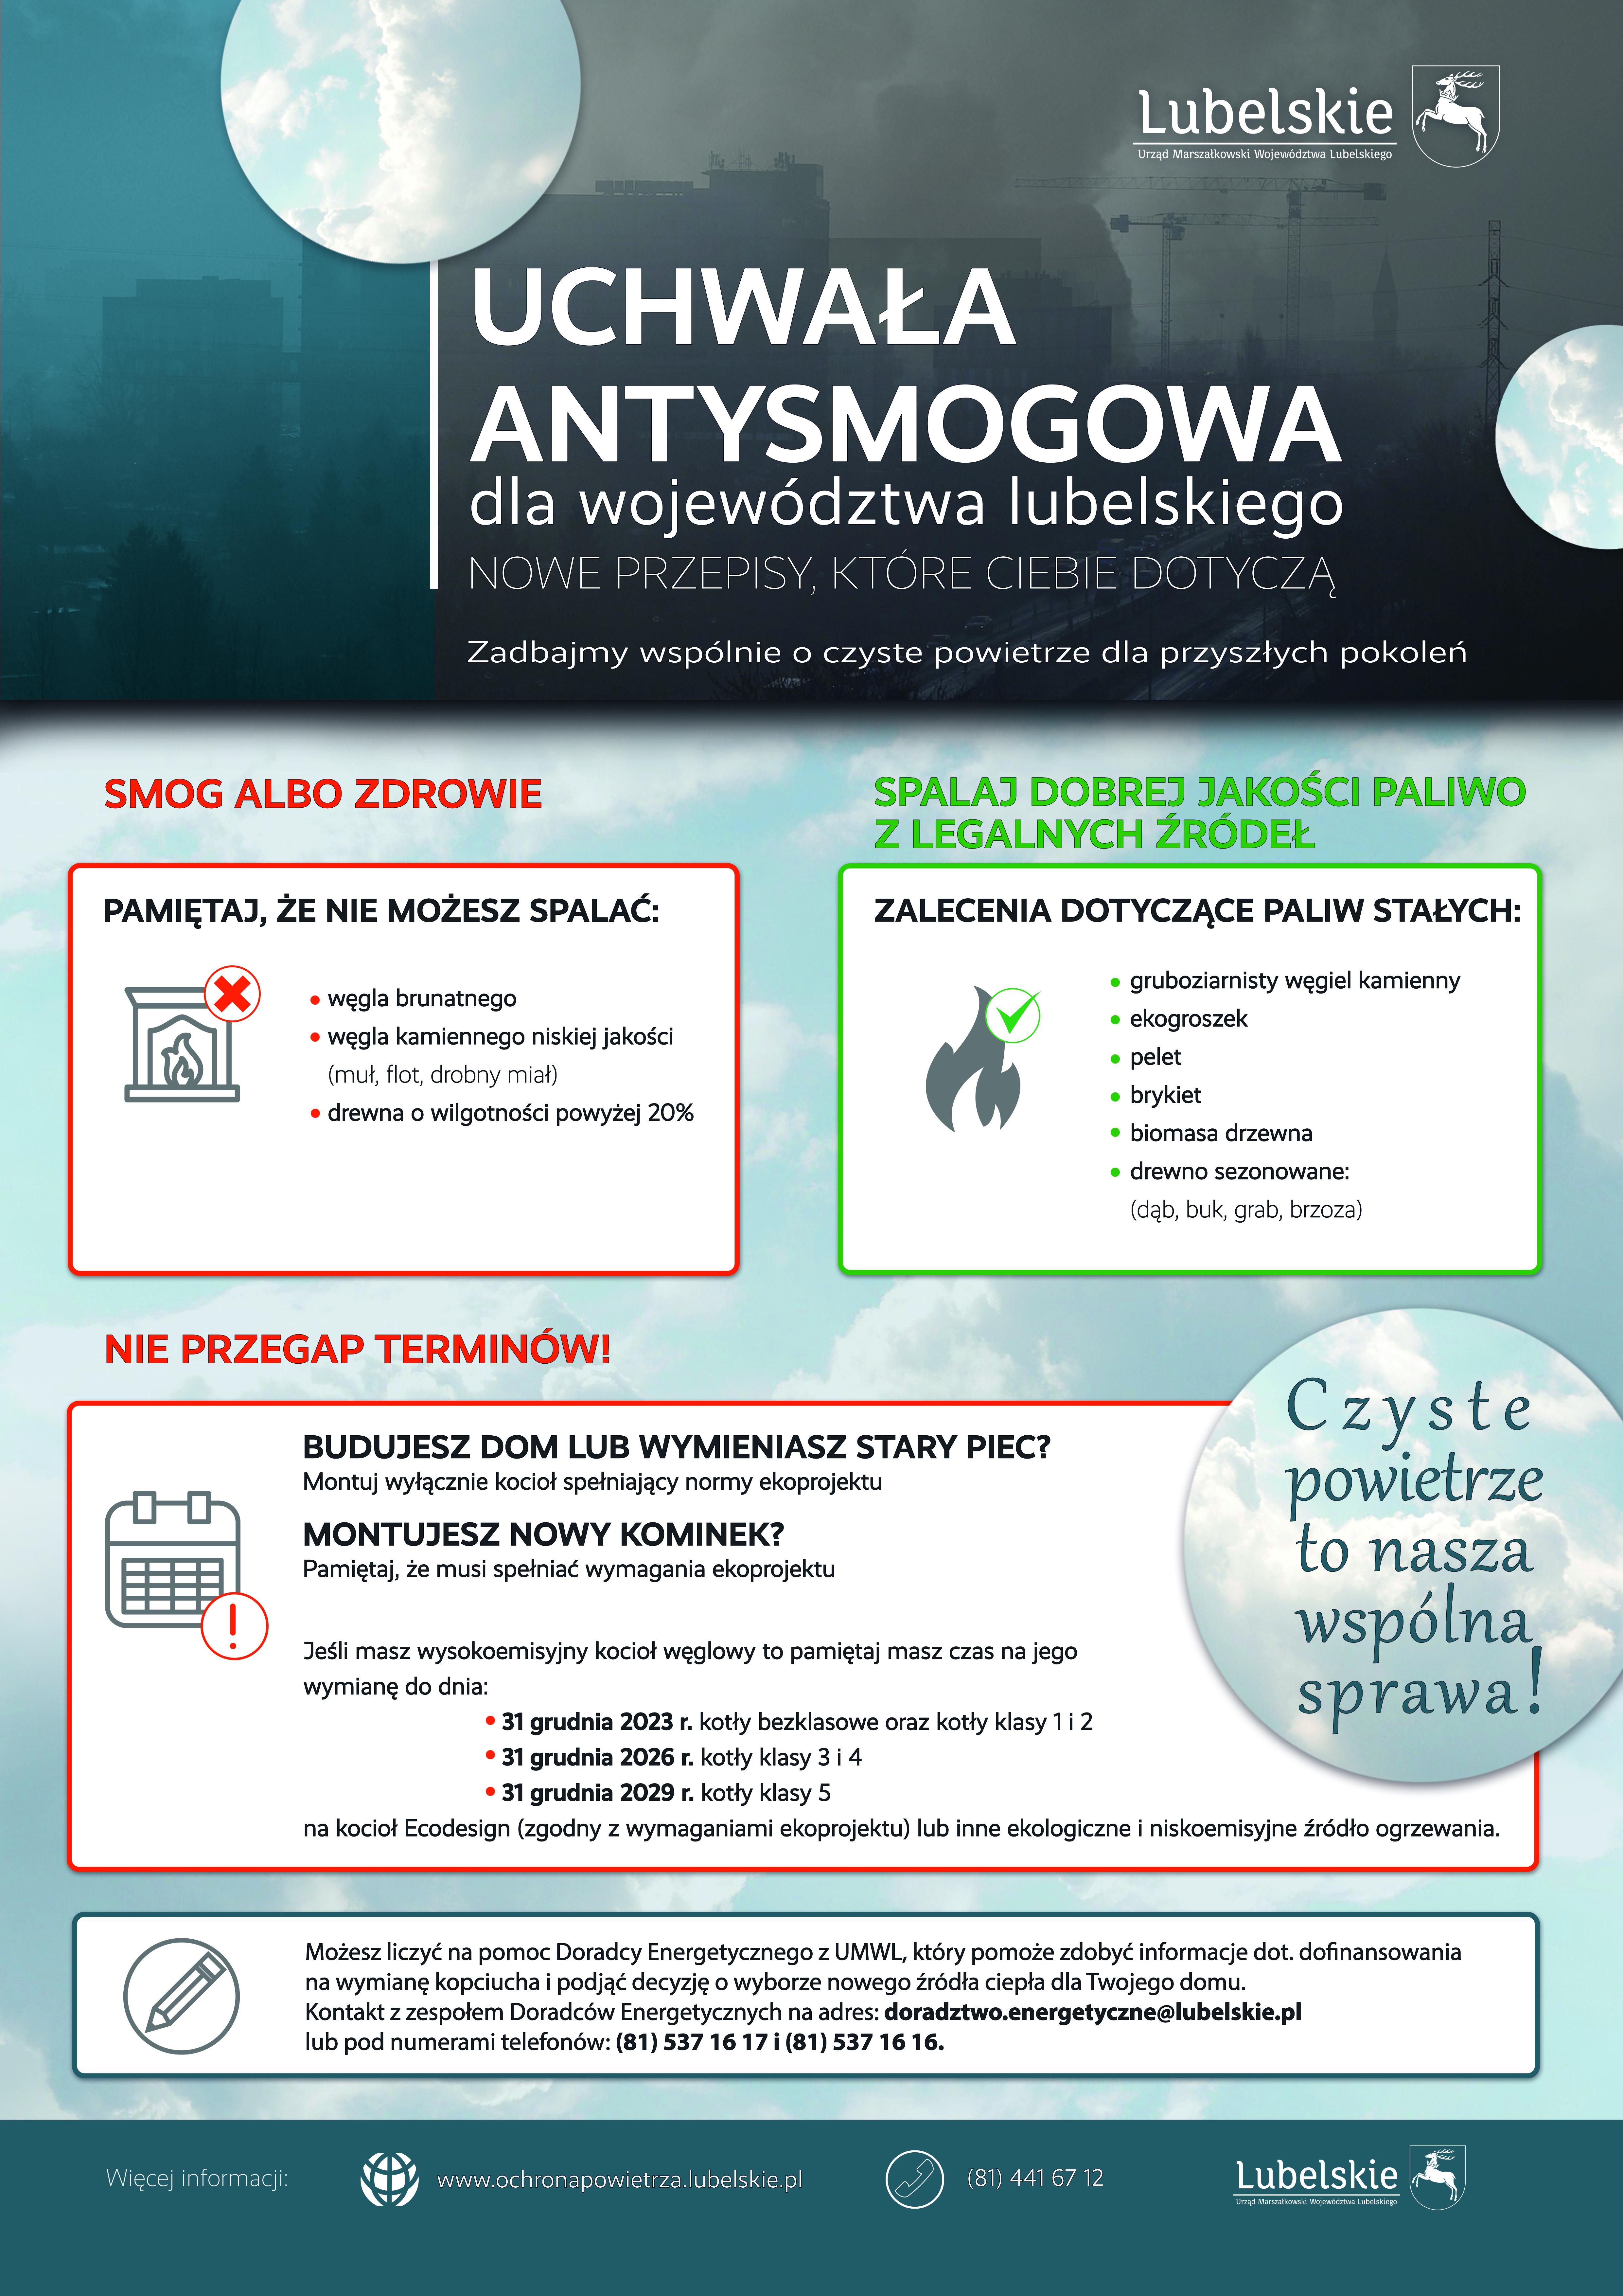 Plakat przedstawia najważniejsze informacje dotyczące uchwały antysmogowej. Dowiadujemy się czego nie możemy spalać  oraz jakie są zalecenia dotyczące paliw stałych. Znajdziemy także informacje o ważnych terminach związanych z wymianą pieców.